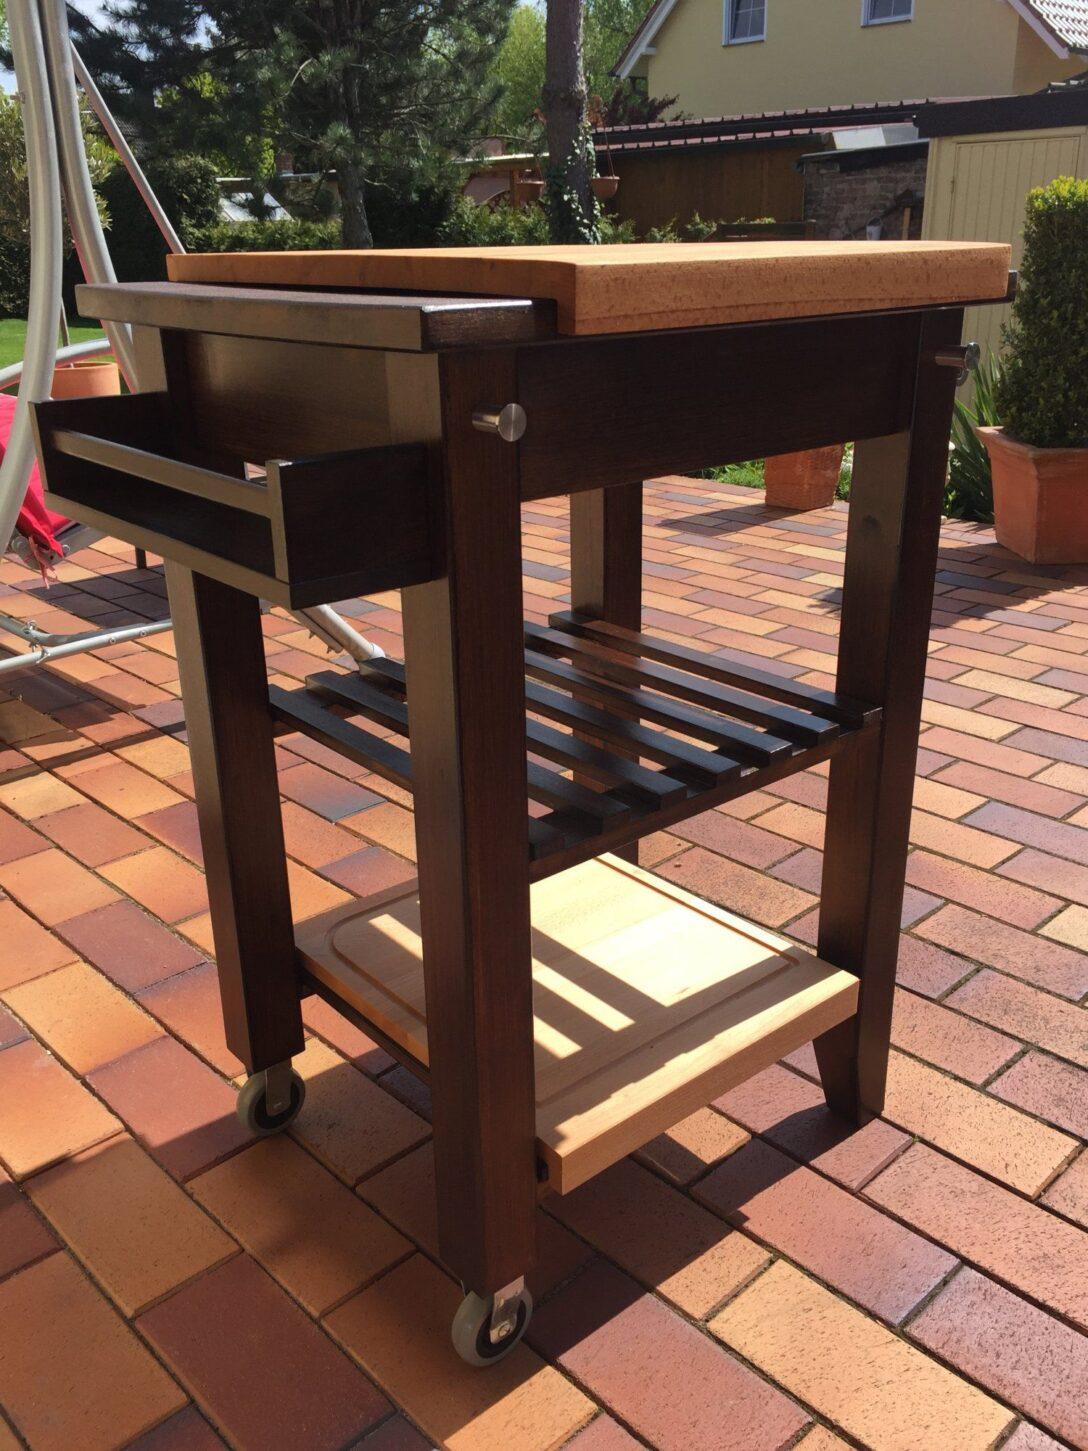 Large Size of Grillwagen Ikea Grill Beistelltisch Weber Tisch Beitisch Bei Grillforum Und Modulküche Küche Kaufen Kosten Miniküche Sofa Mit Schlaffunktion Betten 160x200 Wohnzimmer Grillwagen Ikea